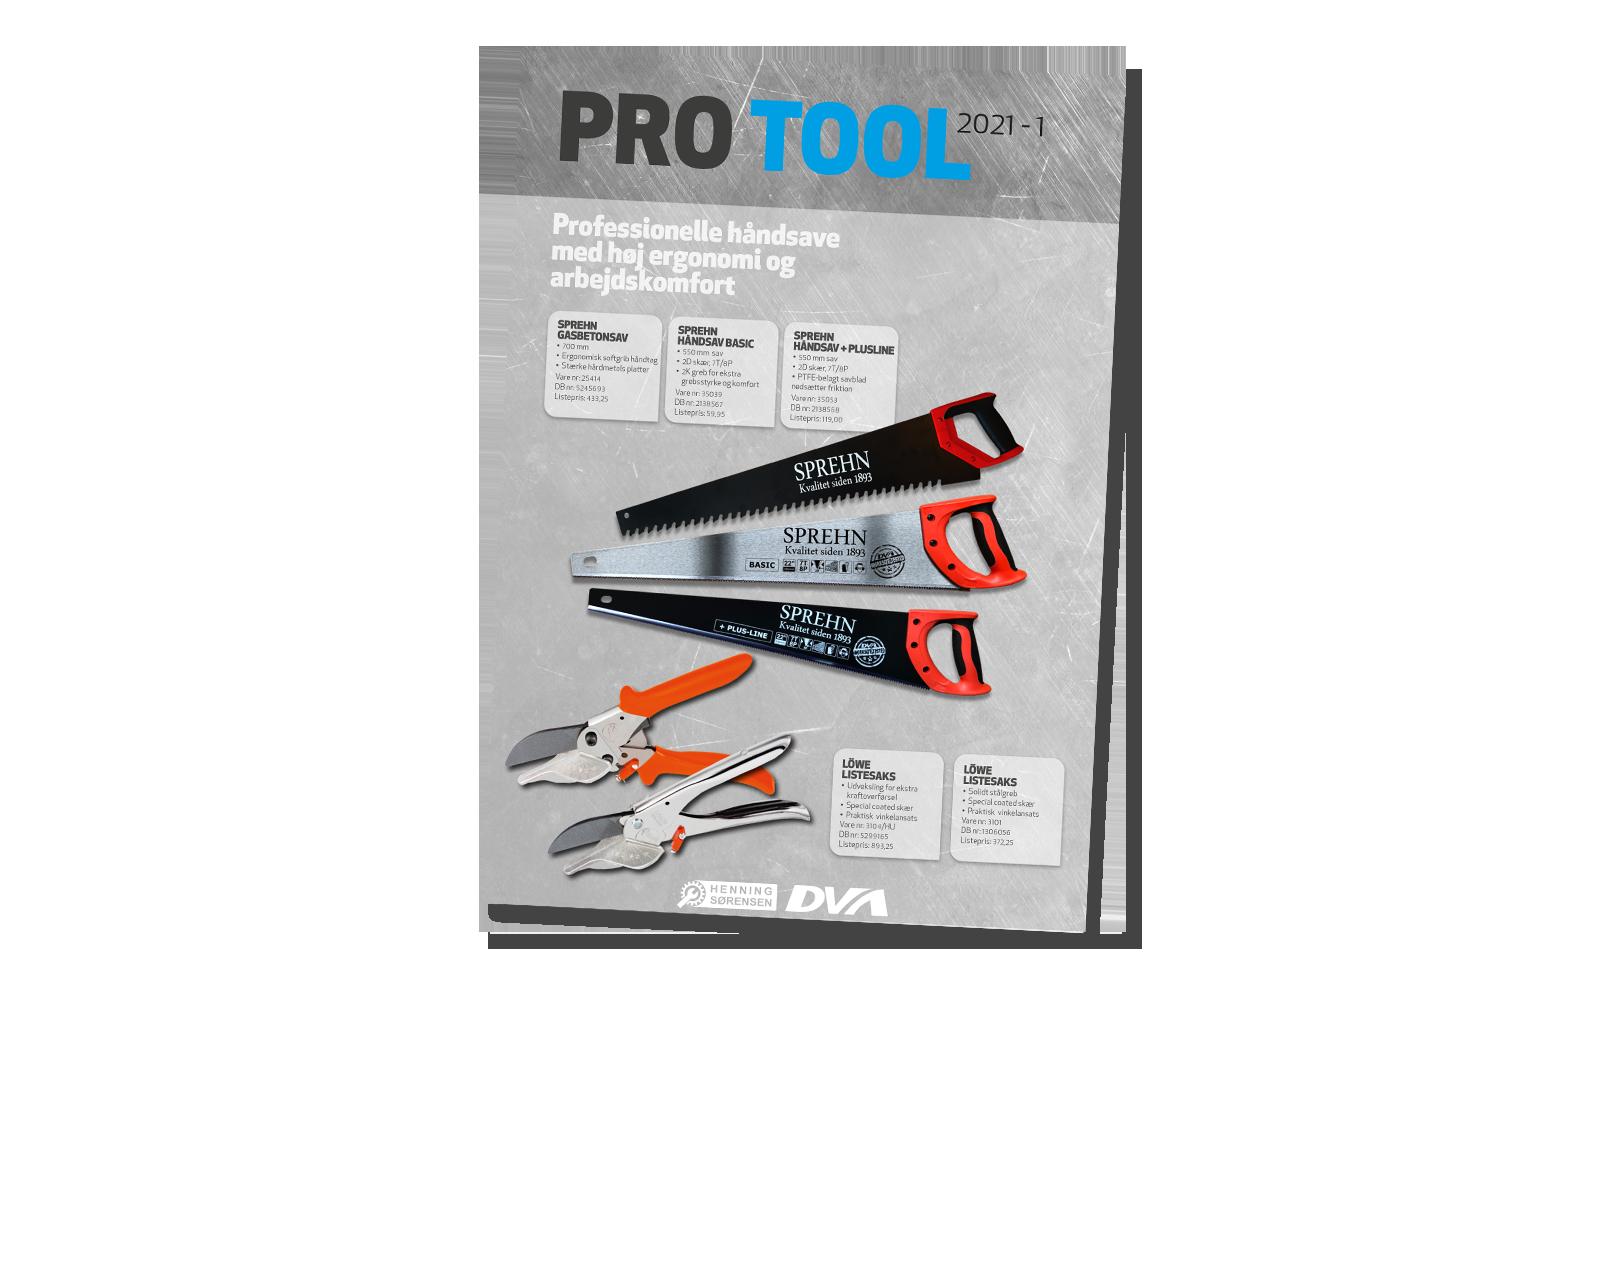 Ny Pro Tool magasin – Byggeri